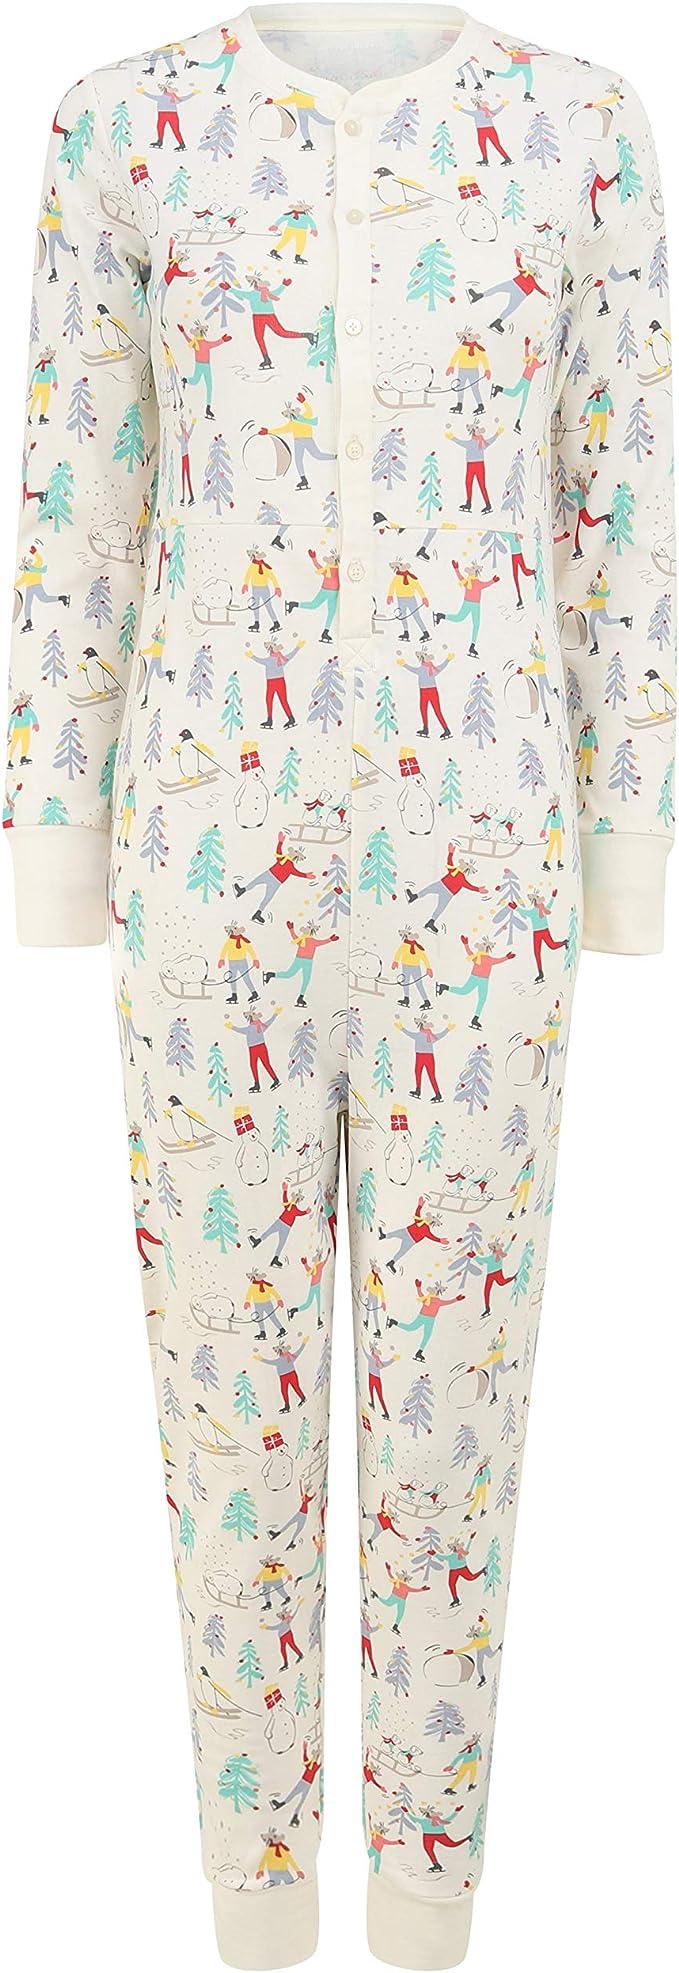 Piccalilly Pijama algodón orgánico para Mujer: Amazon.es: Ropa y accesorios